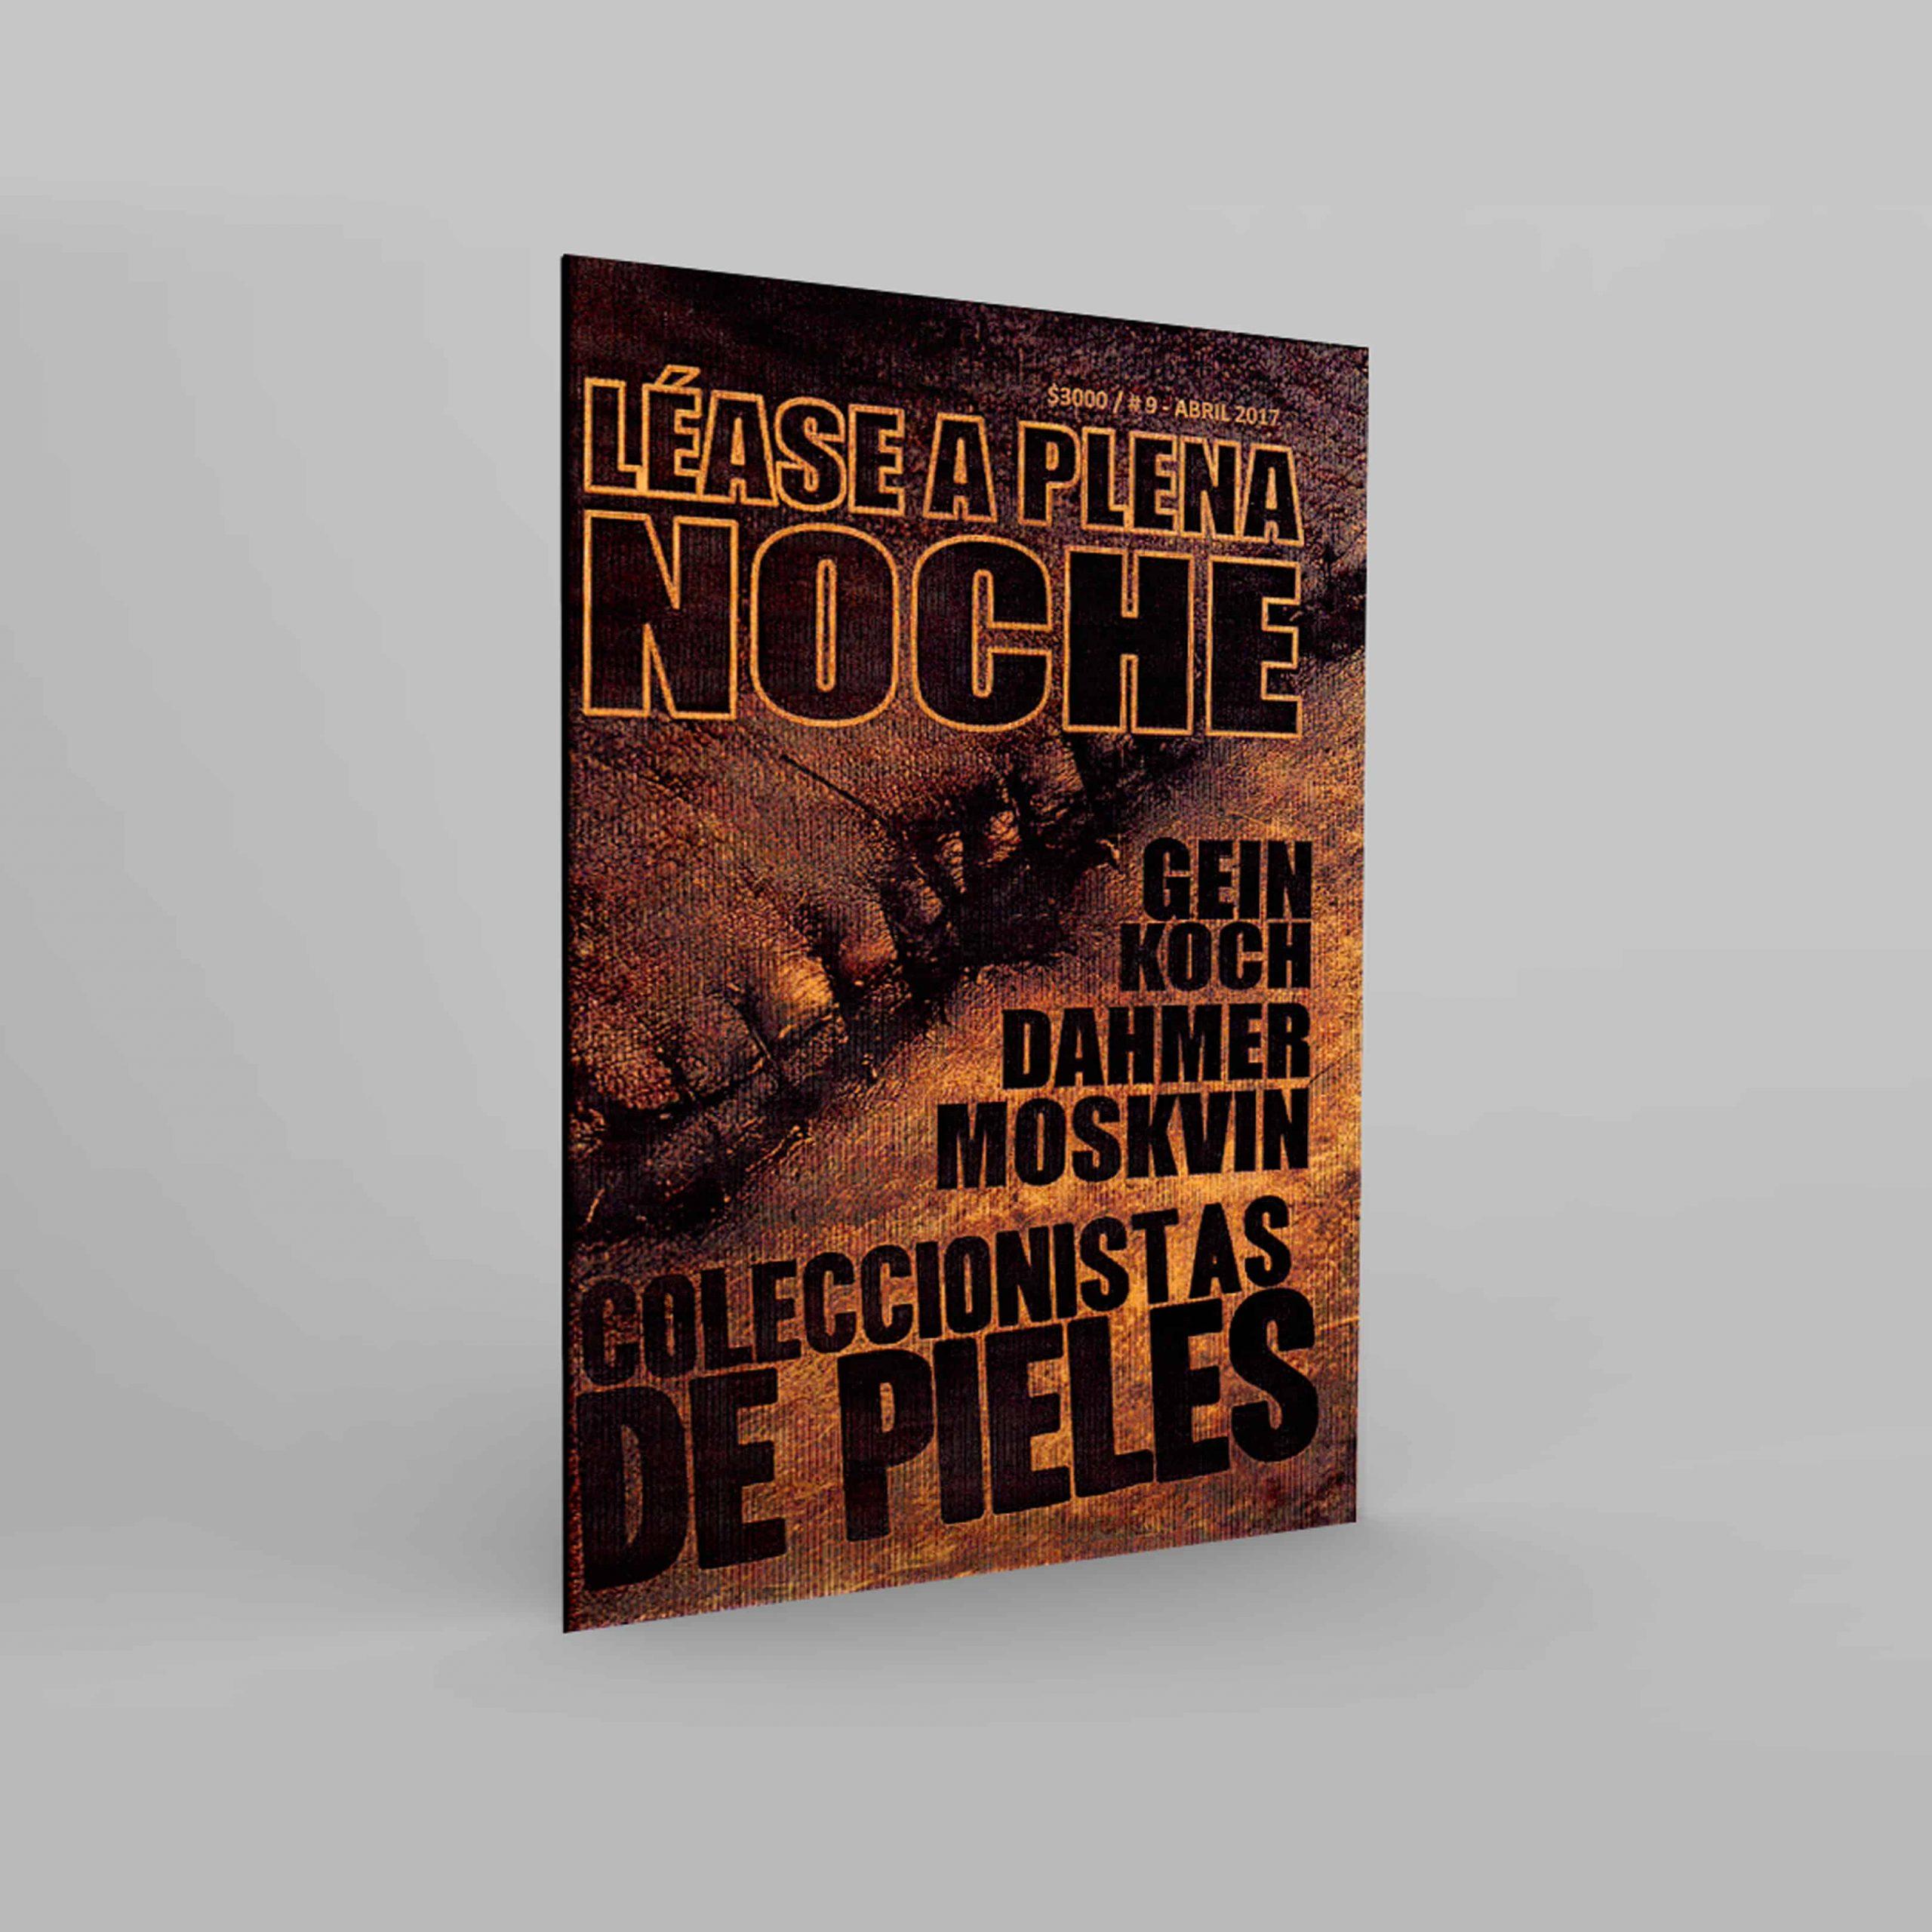 COLECCIONISTAS DE PIELES + PACK 4 LIBROS